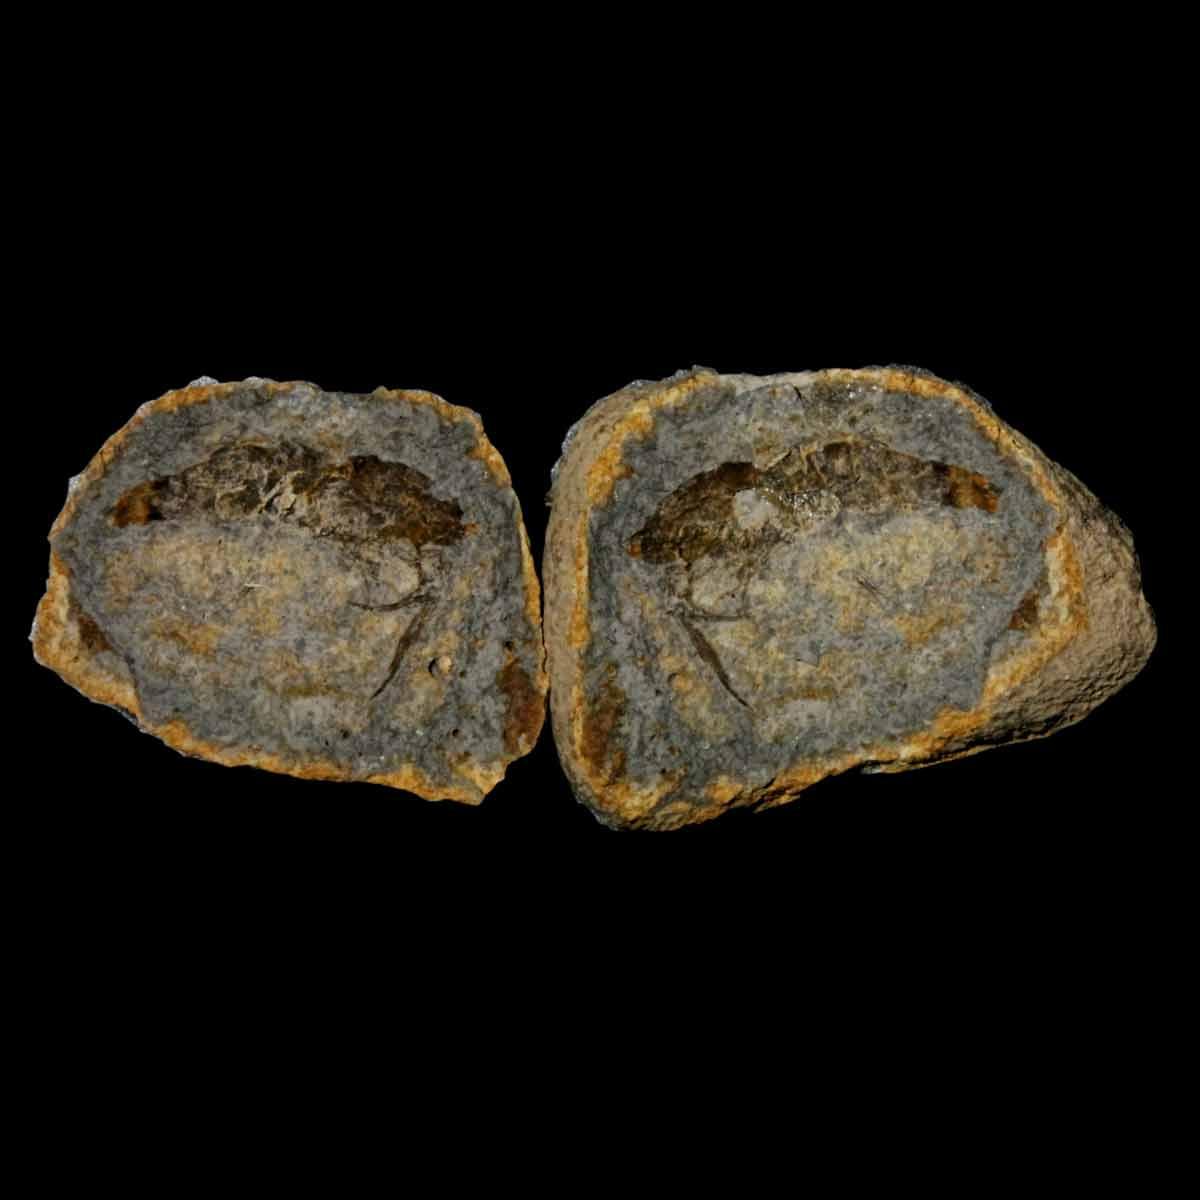 Ambilobeia karojoi